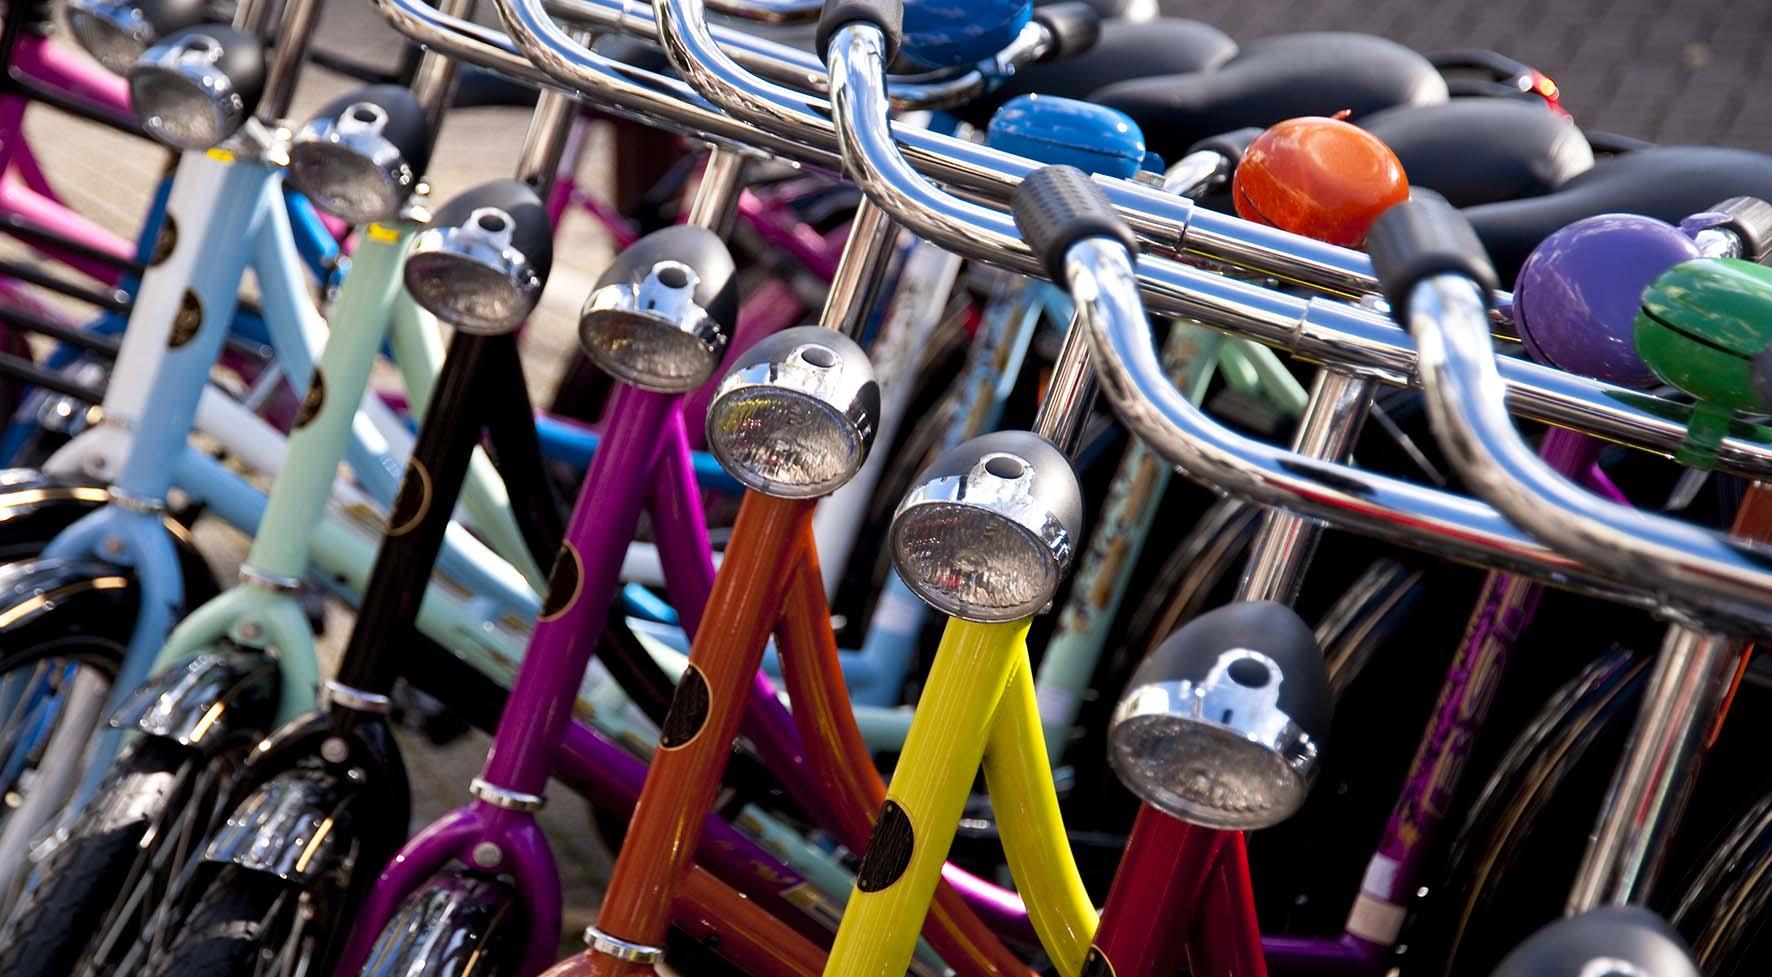 bonus bici biciclette parata vari colori